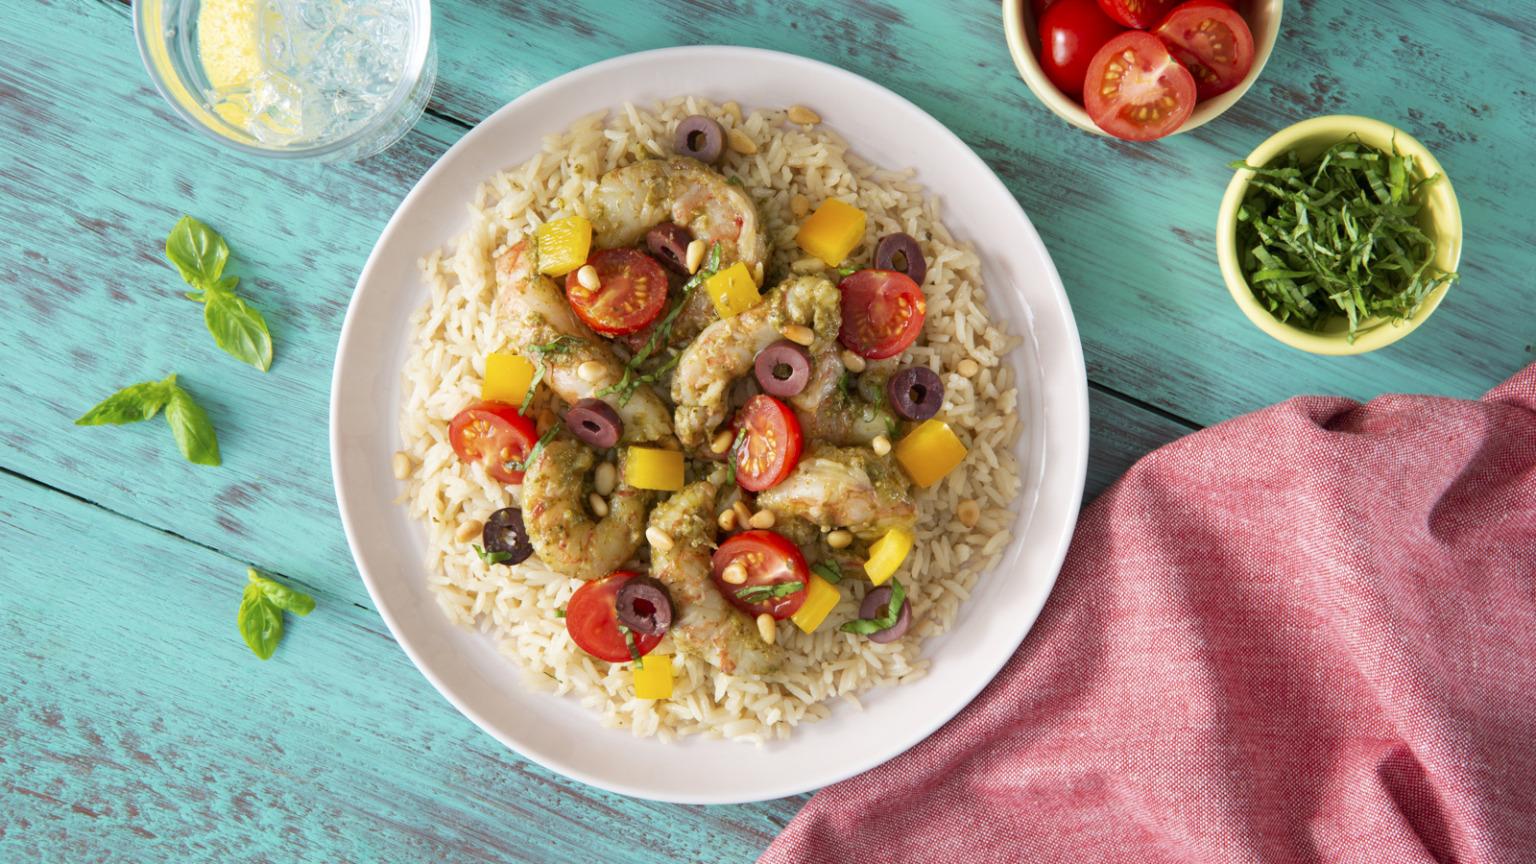 Pesto Shrimp and Rice Bowl